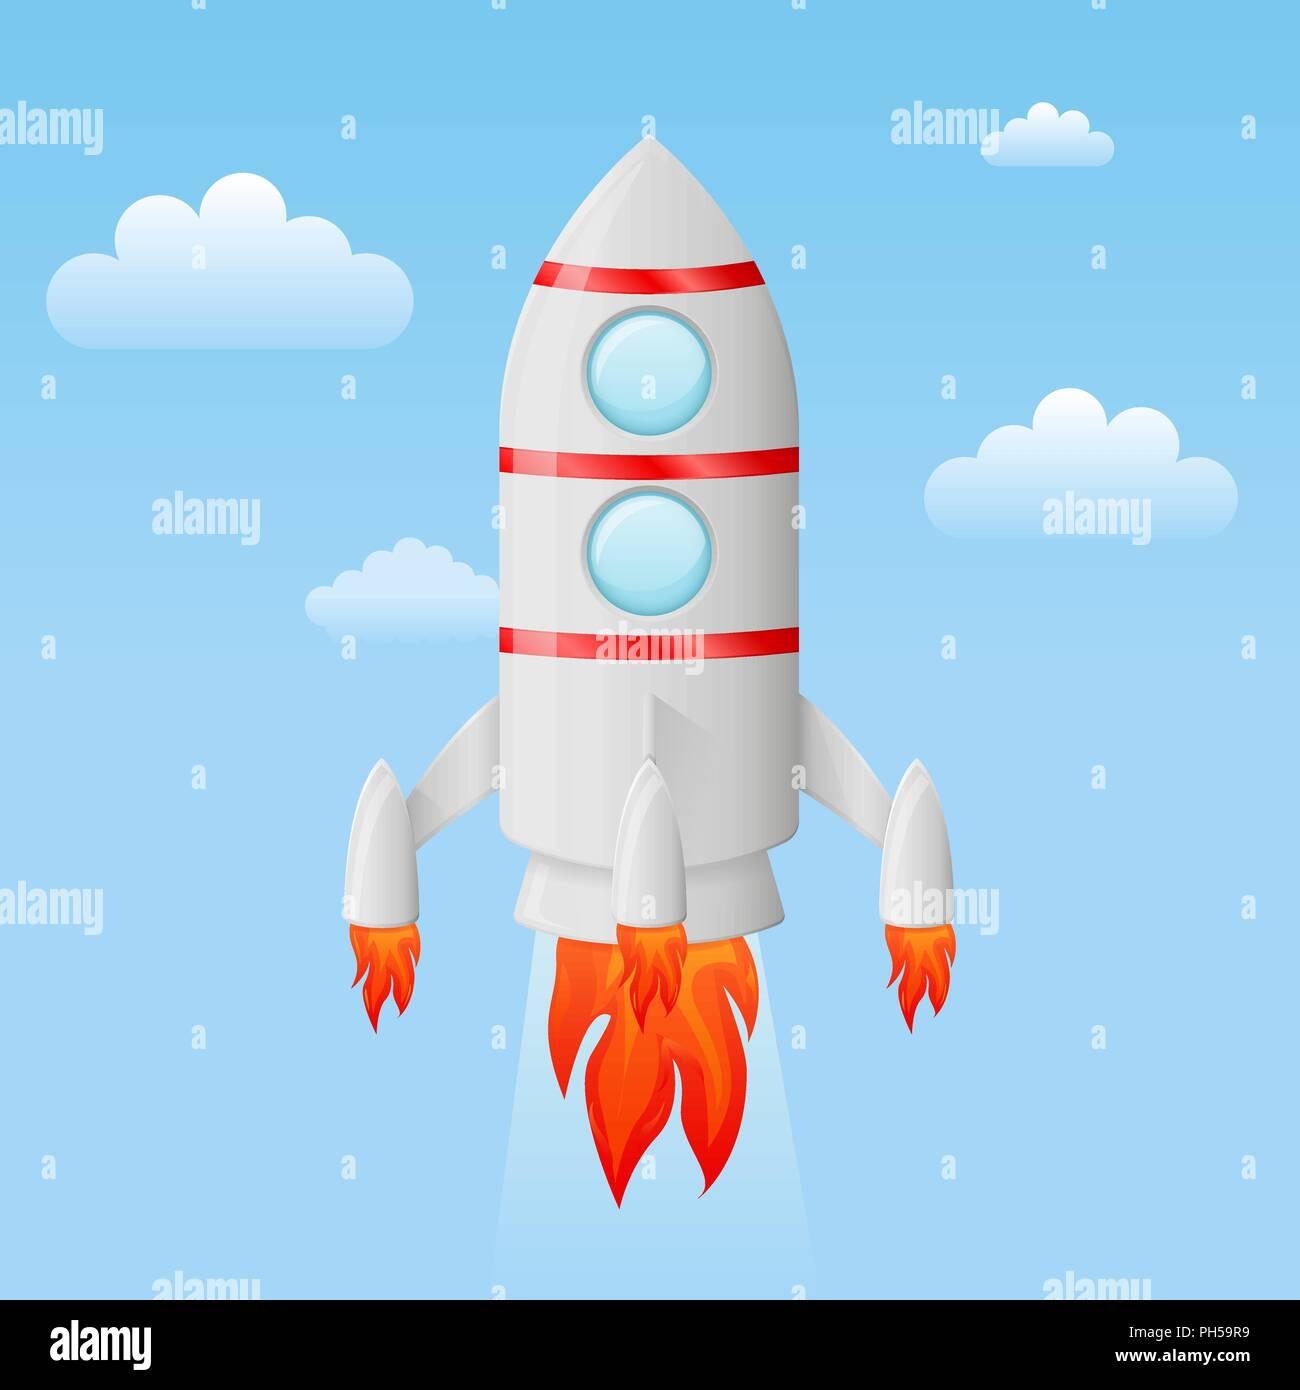 Cohete Volando En El Cielo Dibujos Animados De Color Ilustración